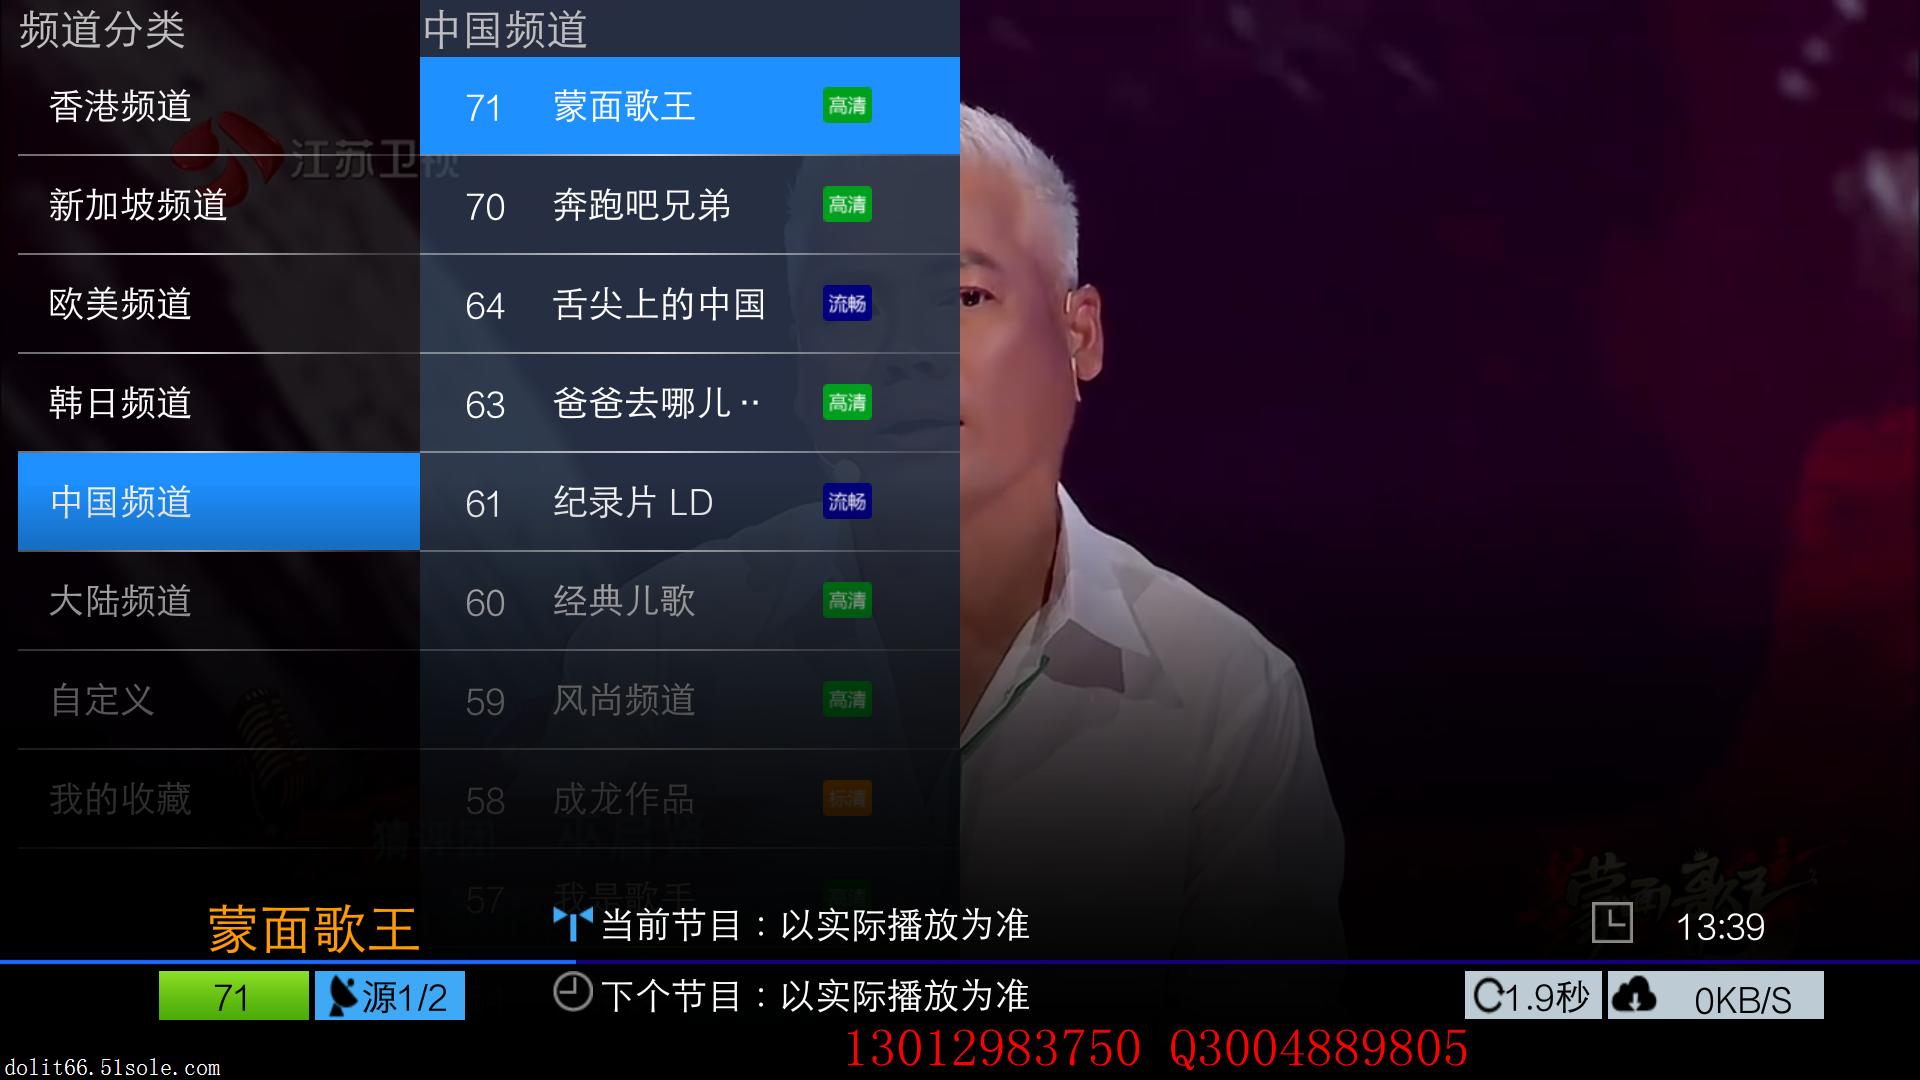 v视频视频iptv价格播放视频定制开发系统帕酒店灯图片